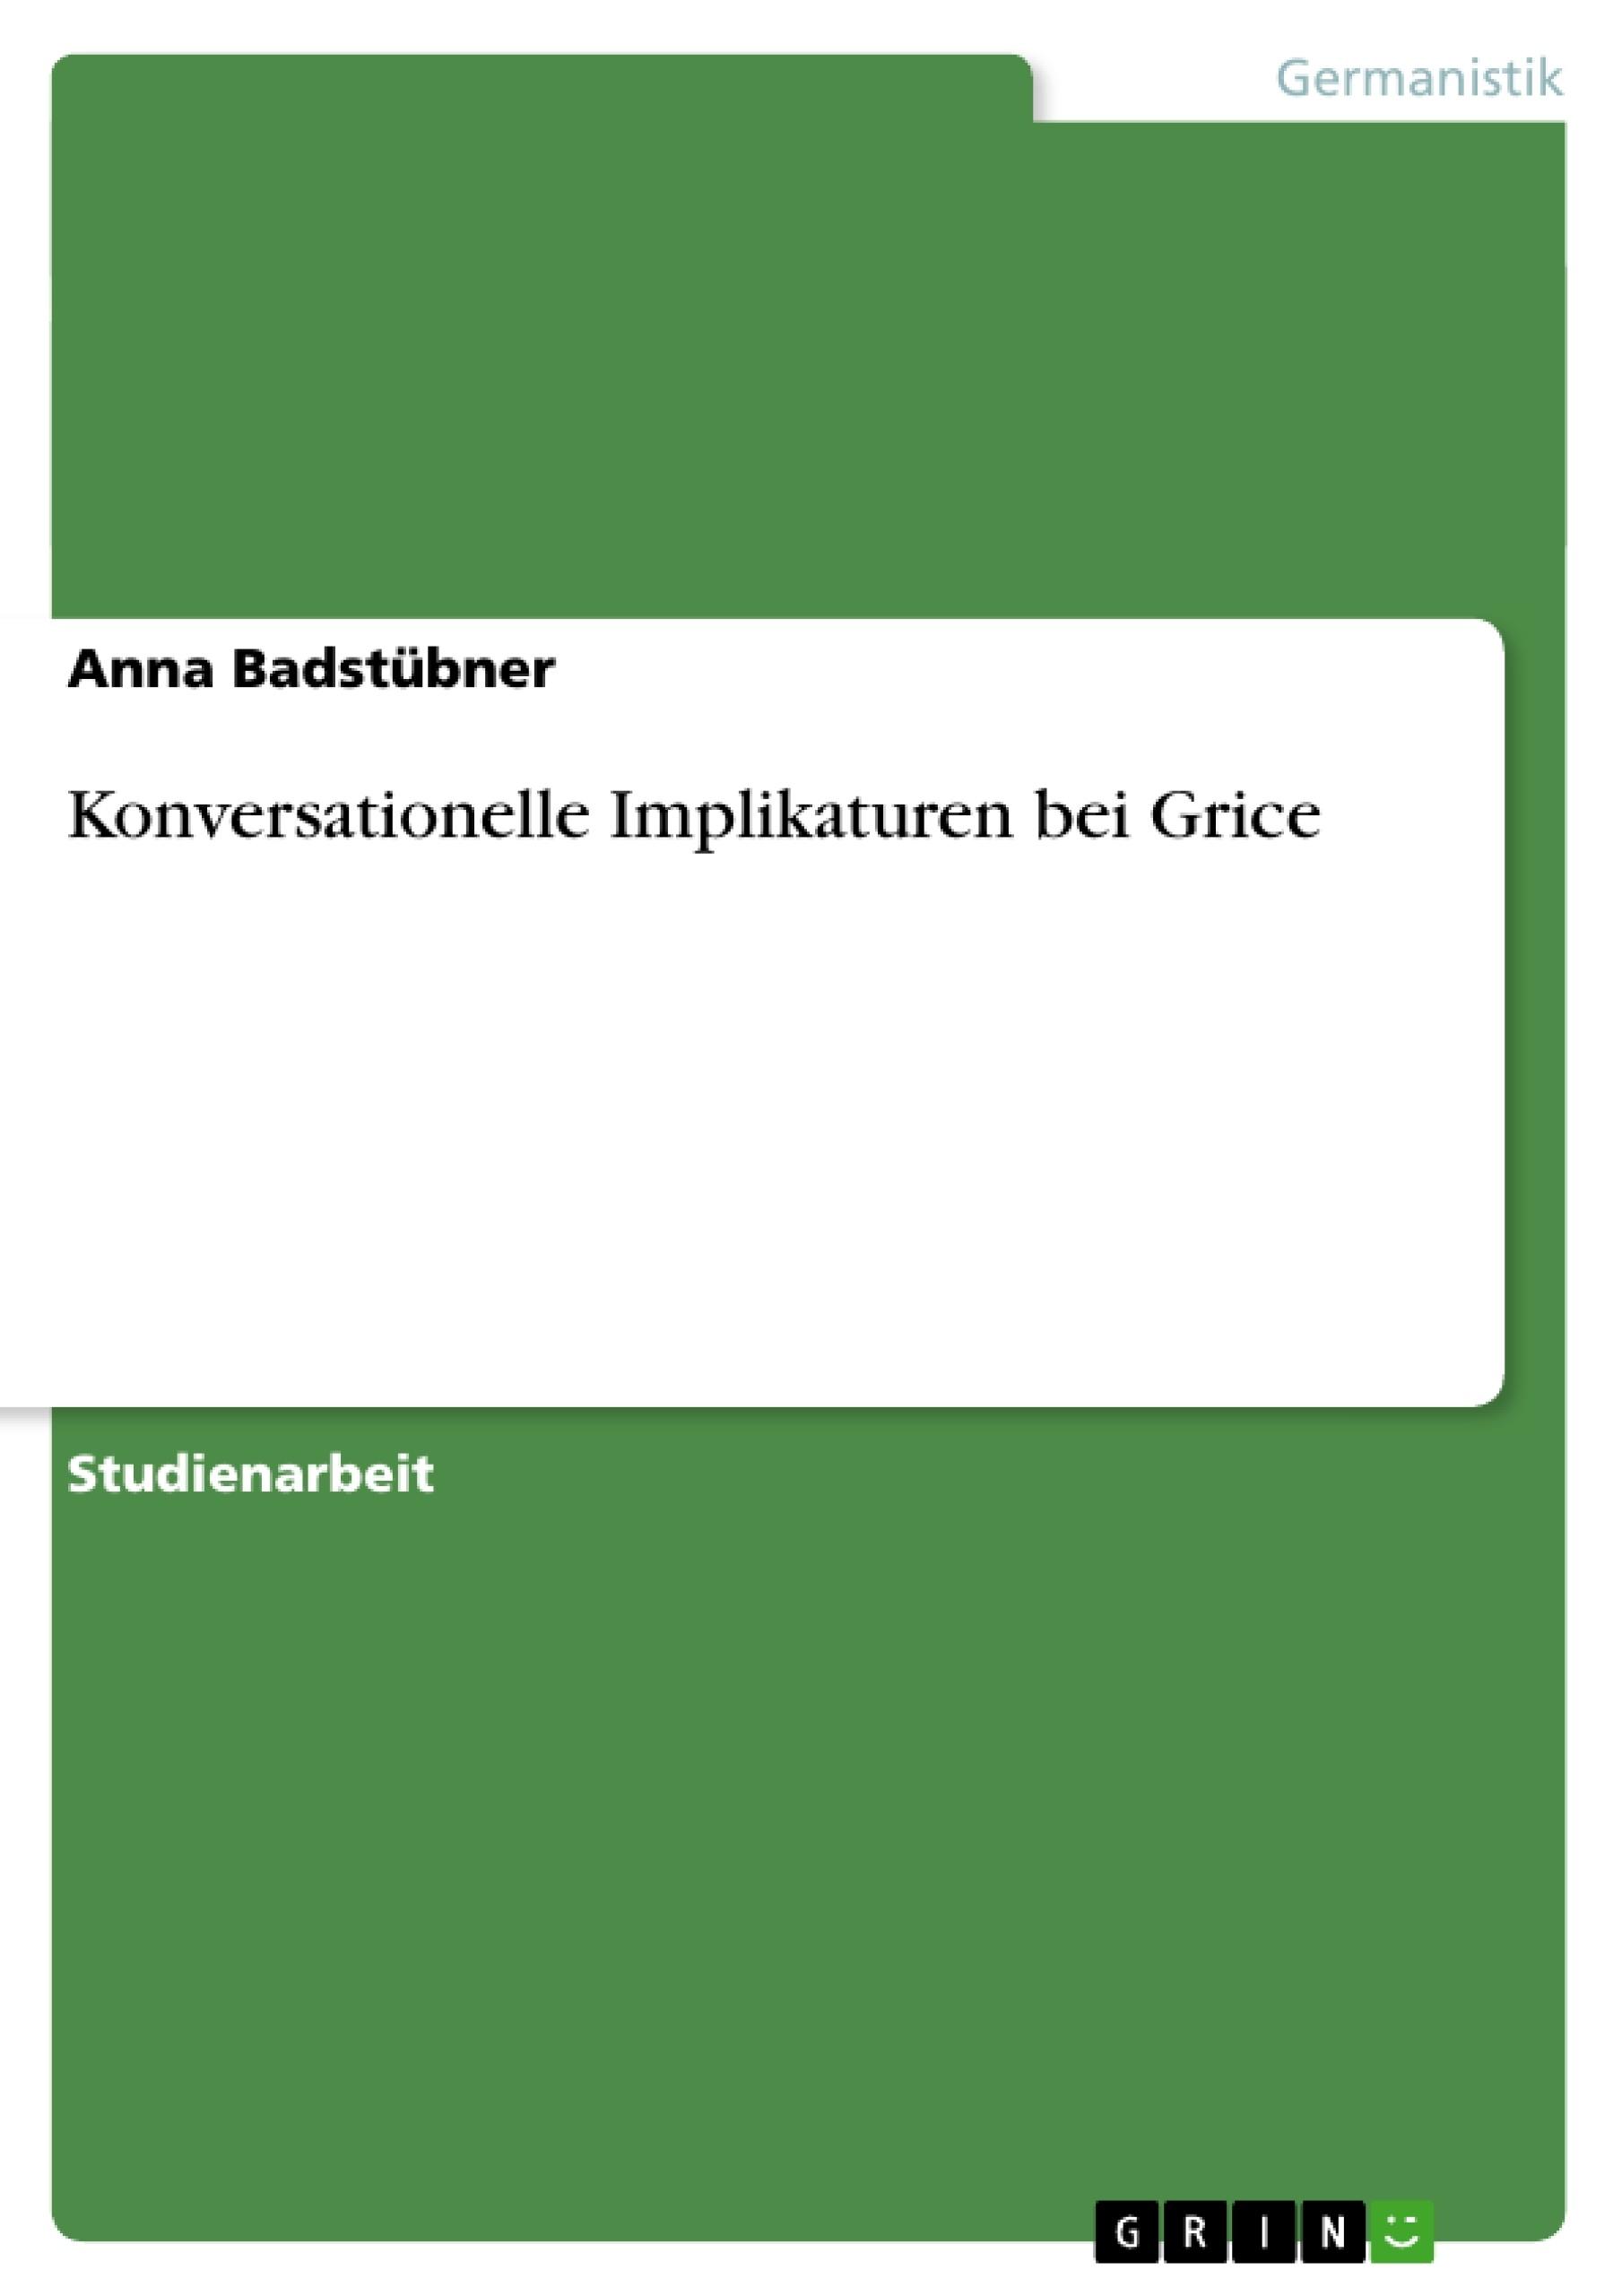 Titel: Konversationelle Implikaturen bei Grice